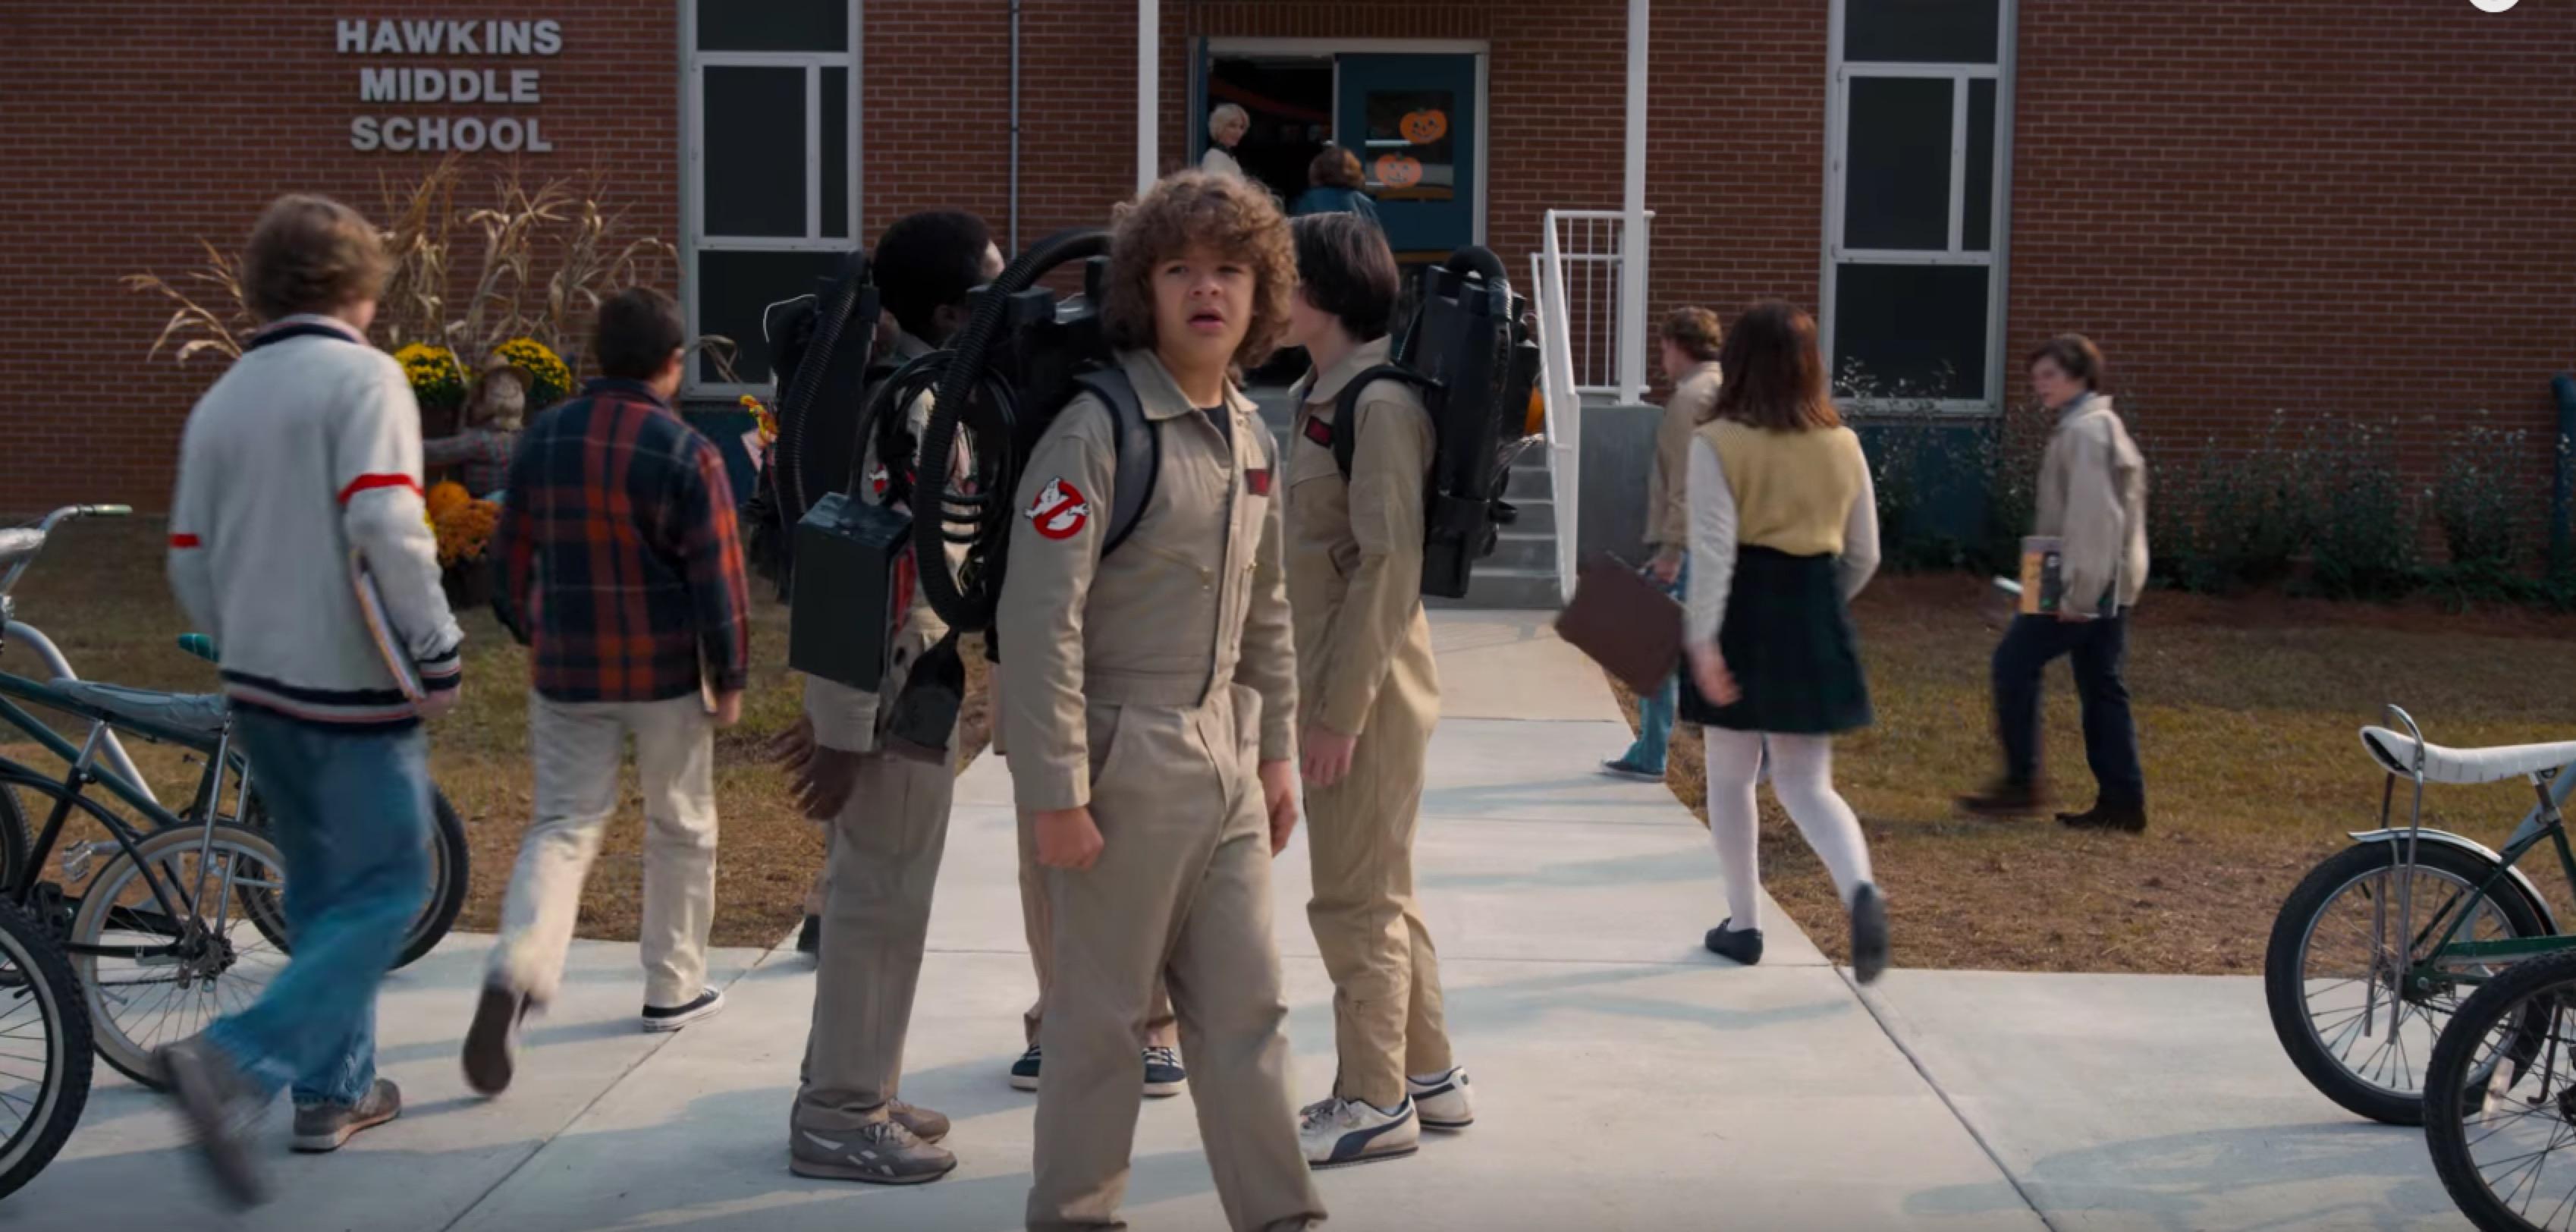 Stranger Things Season 2 Trailer Breakdown Is That Monster The